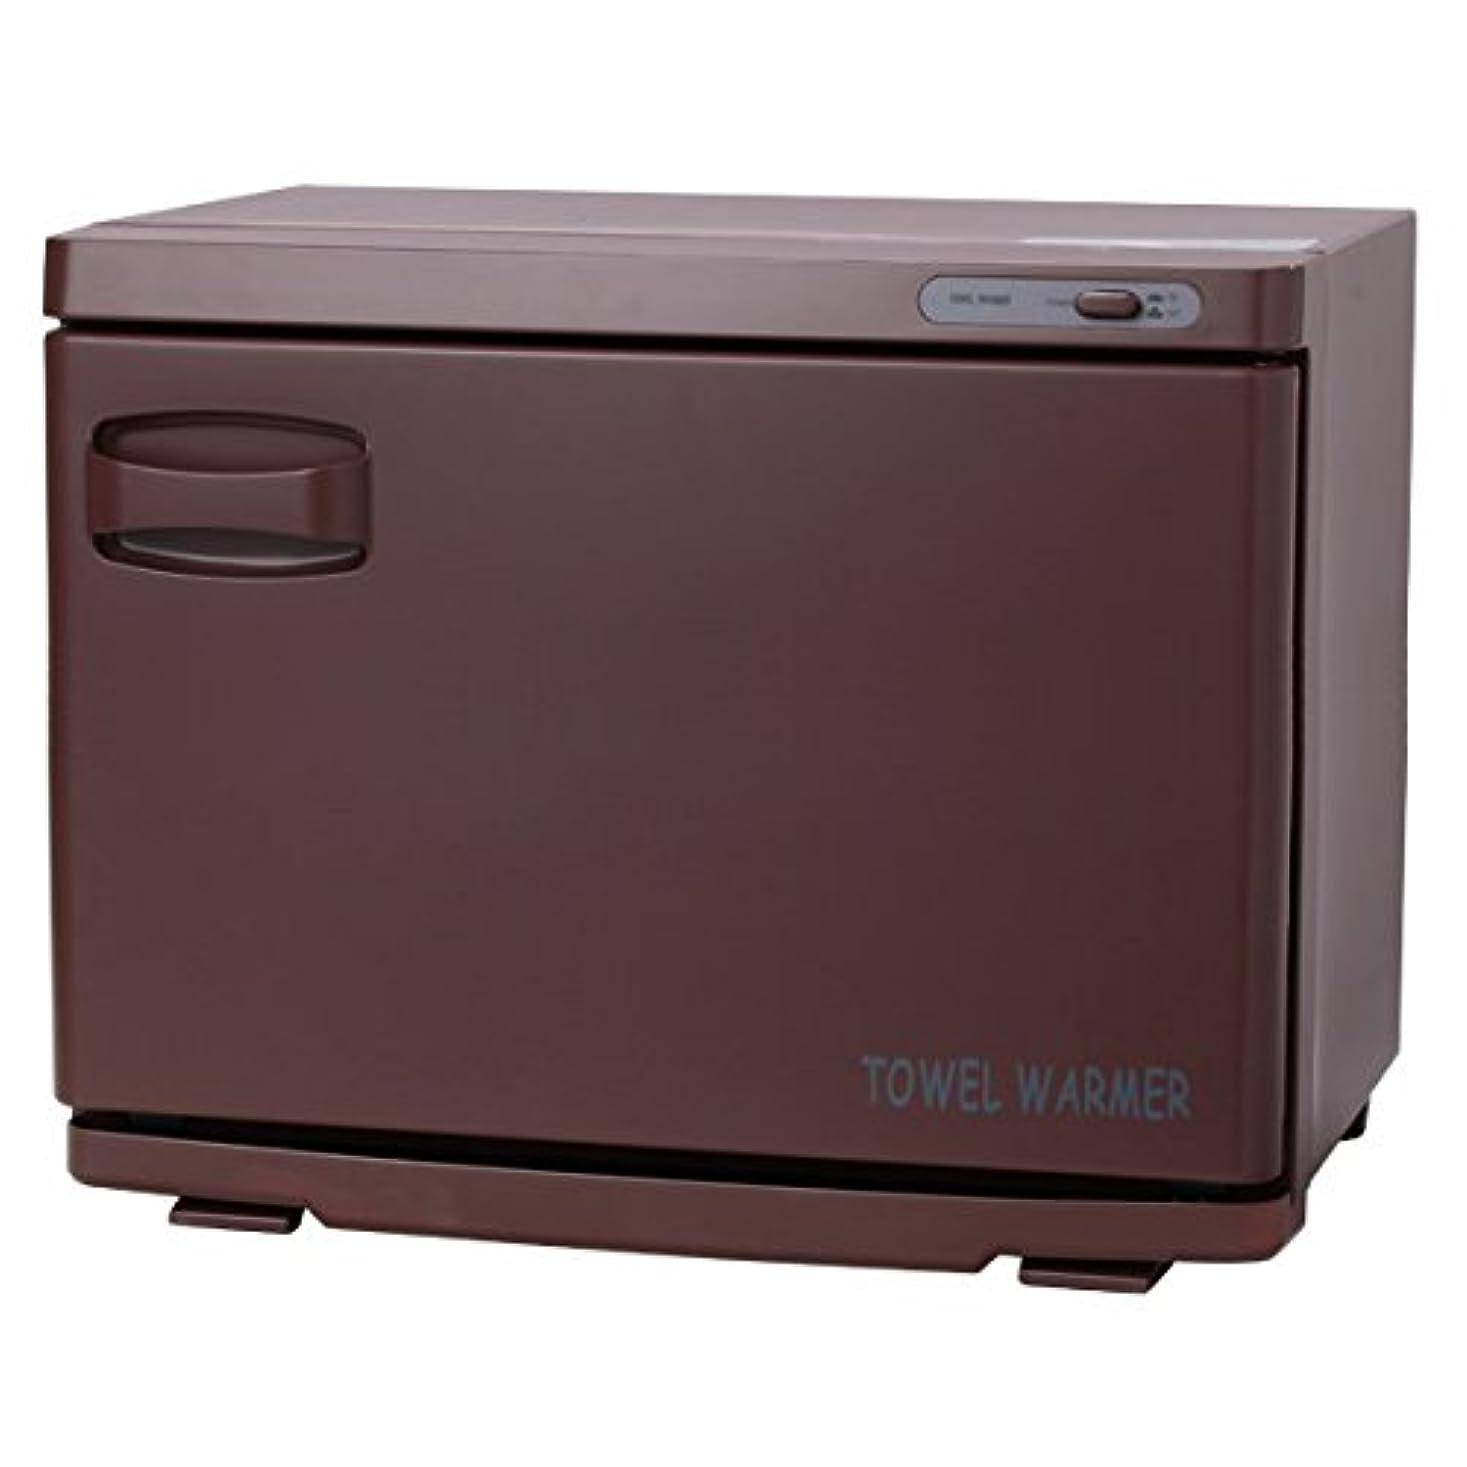 テナントインストール虚偽タオルウォーマー ブラウン ( 前開き ) 18L 業務用 タオル蒸し器 おしぼり蒸し器 保温器